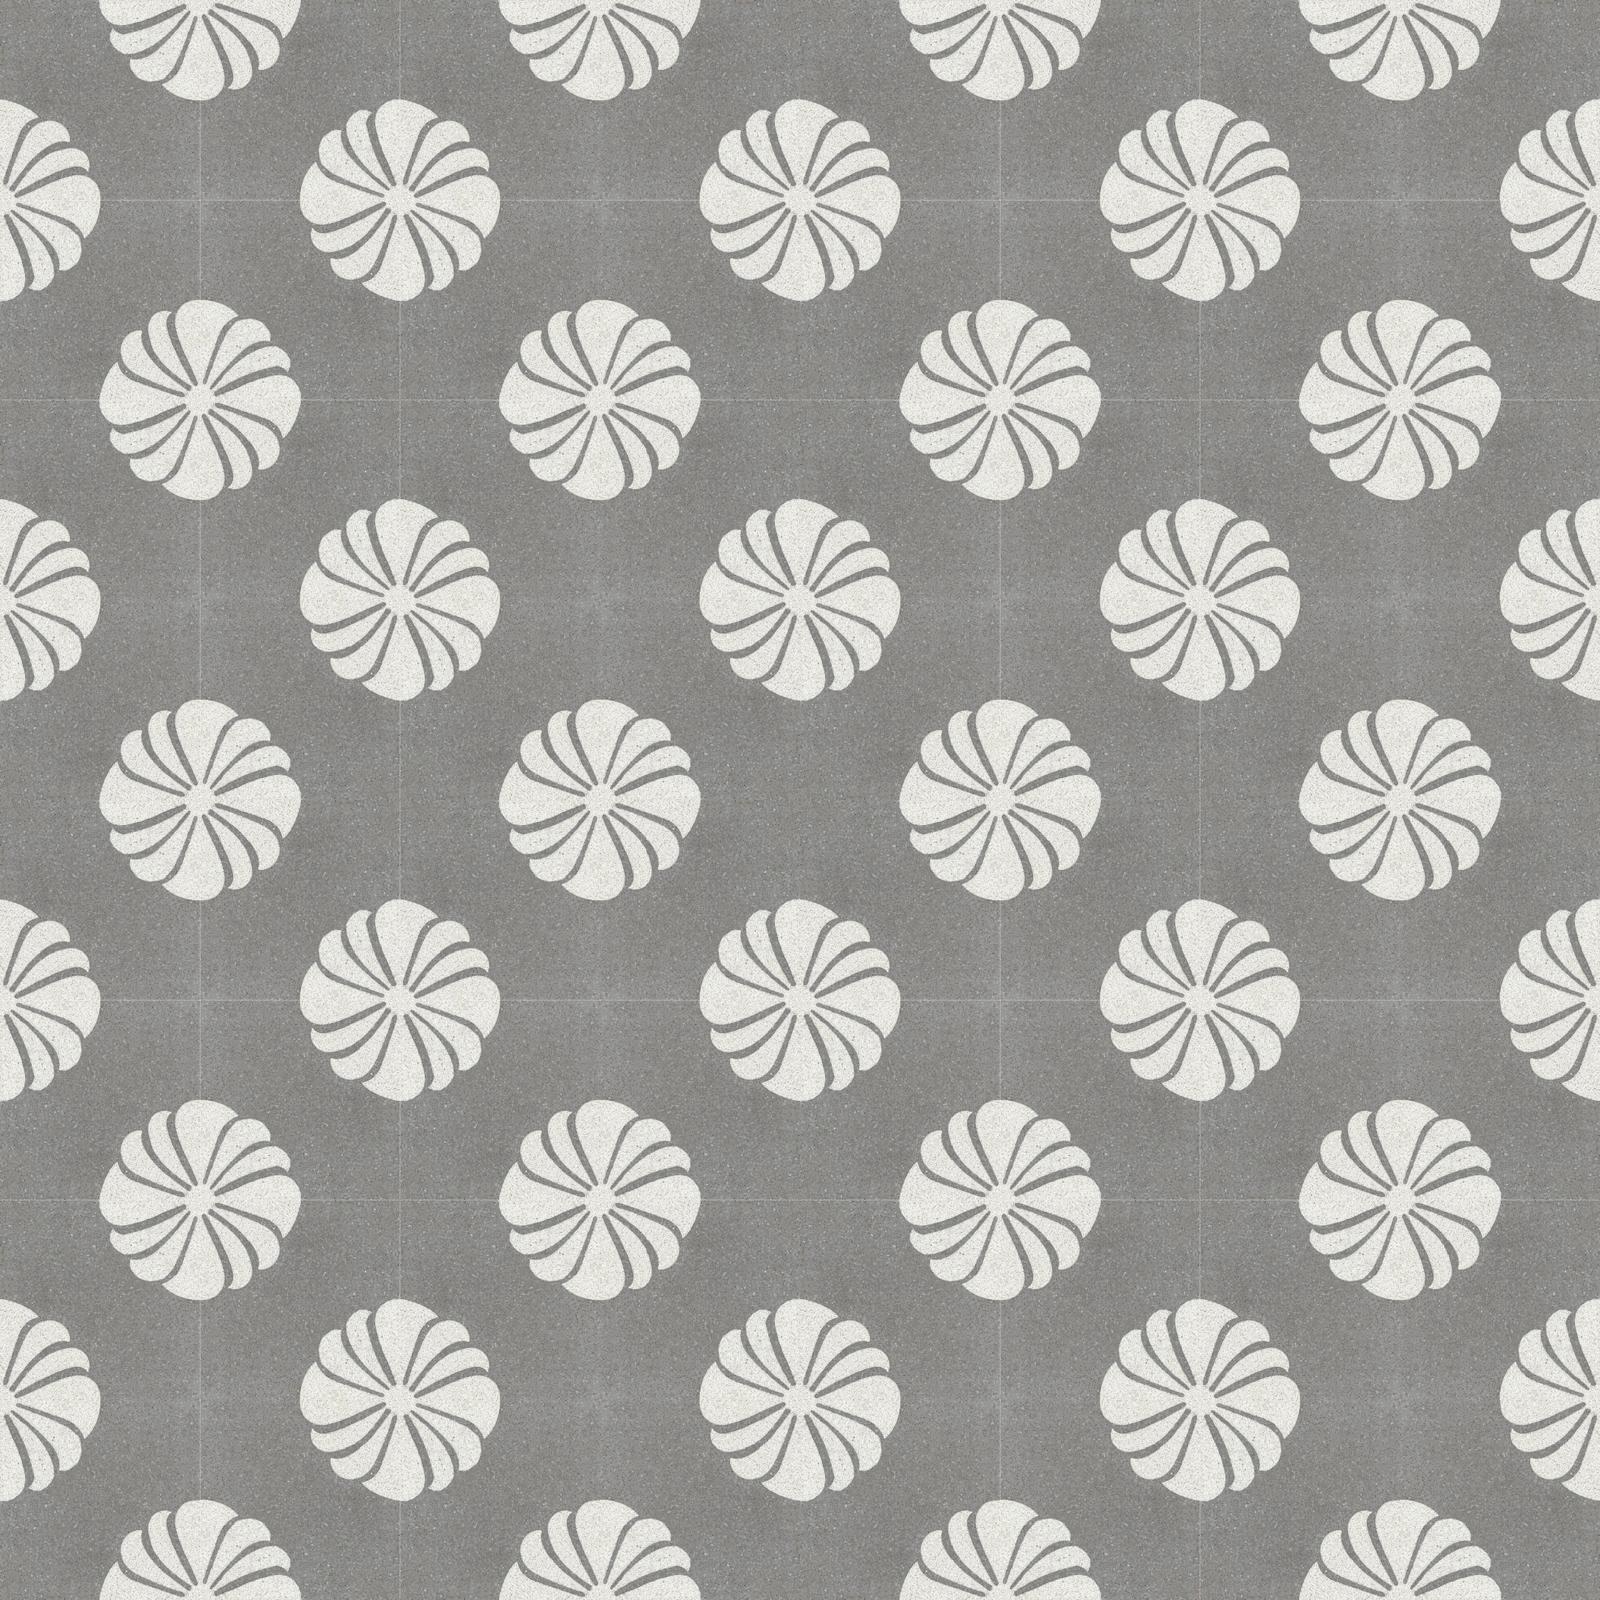 Terrazzoboden mit floralem Muster in weiß auf grauem Grund